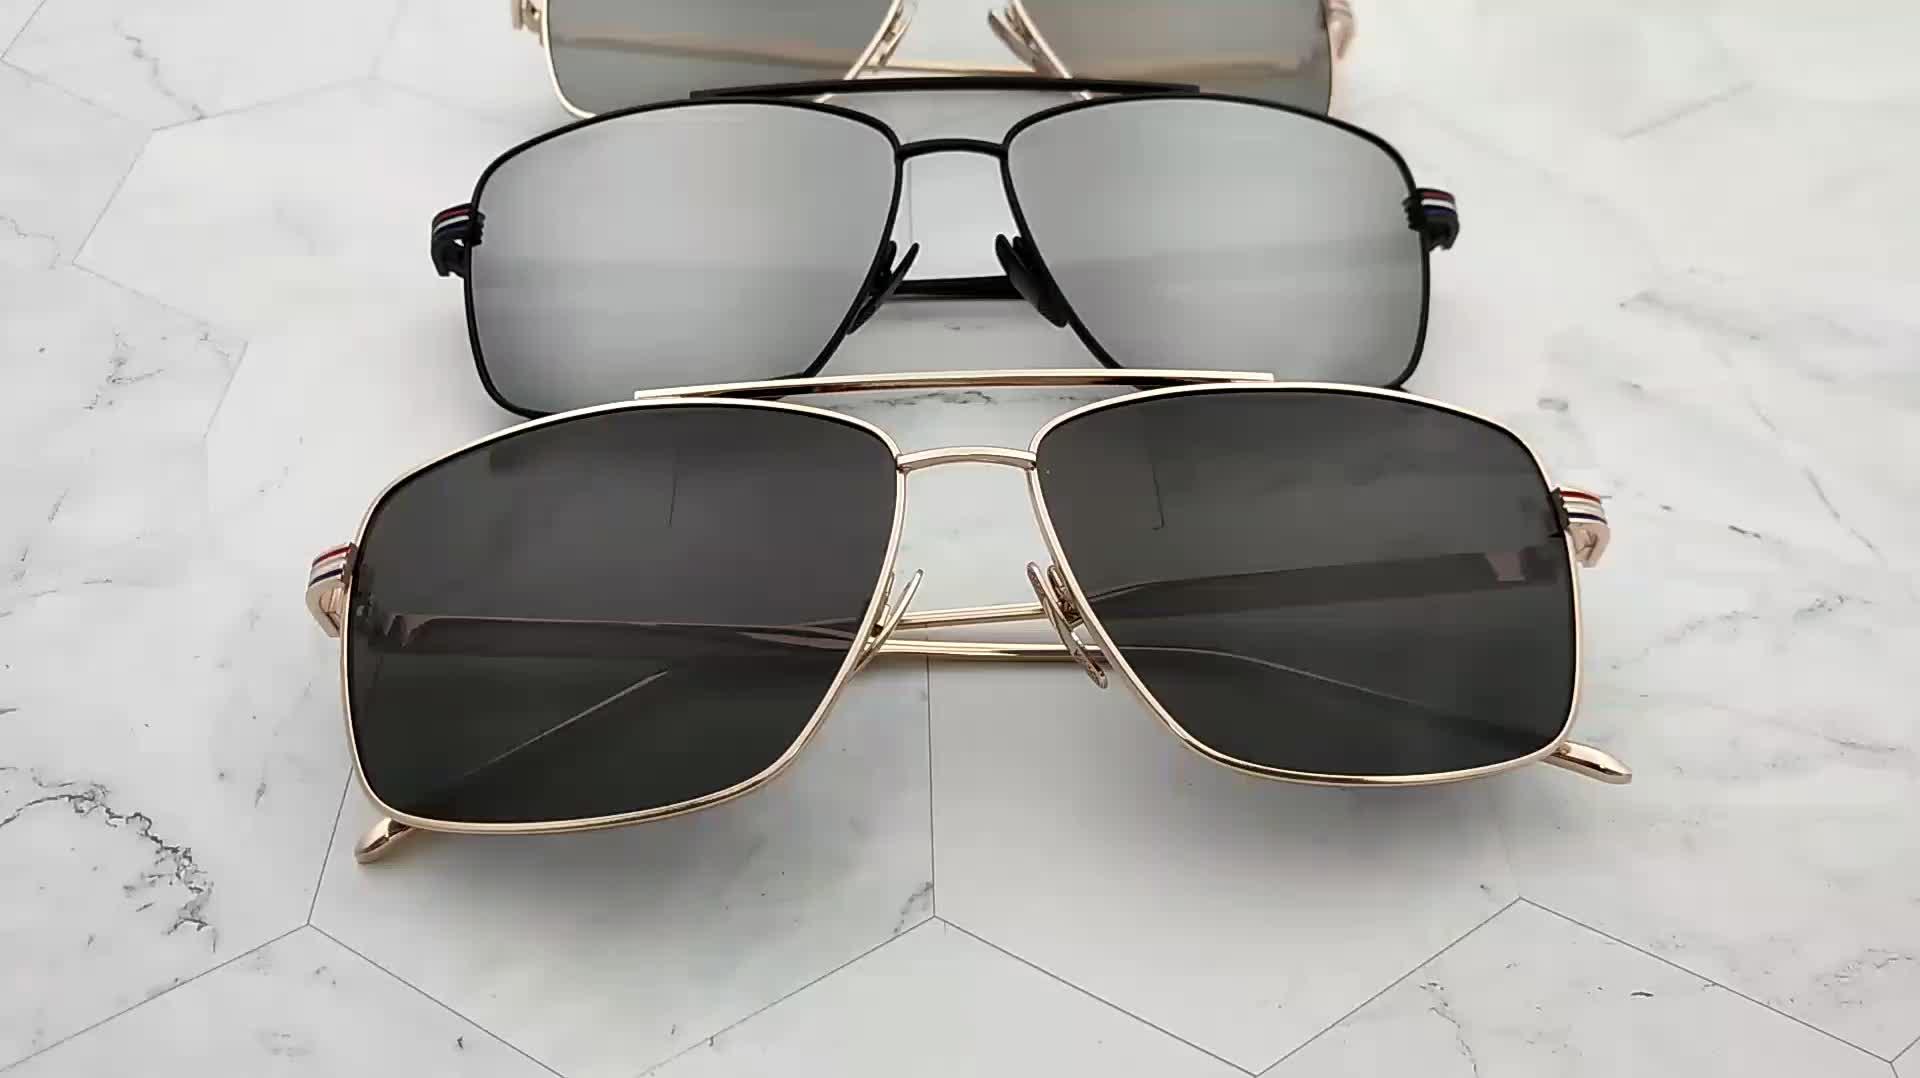 Itália Homens Do Projeto Da Marca Anteojos Óculos De Sol China Preço de Fábrica Personalizado de Alta Qualidade de Lentes De Sol